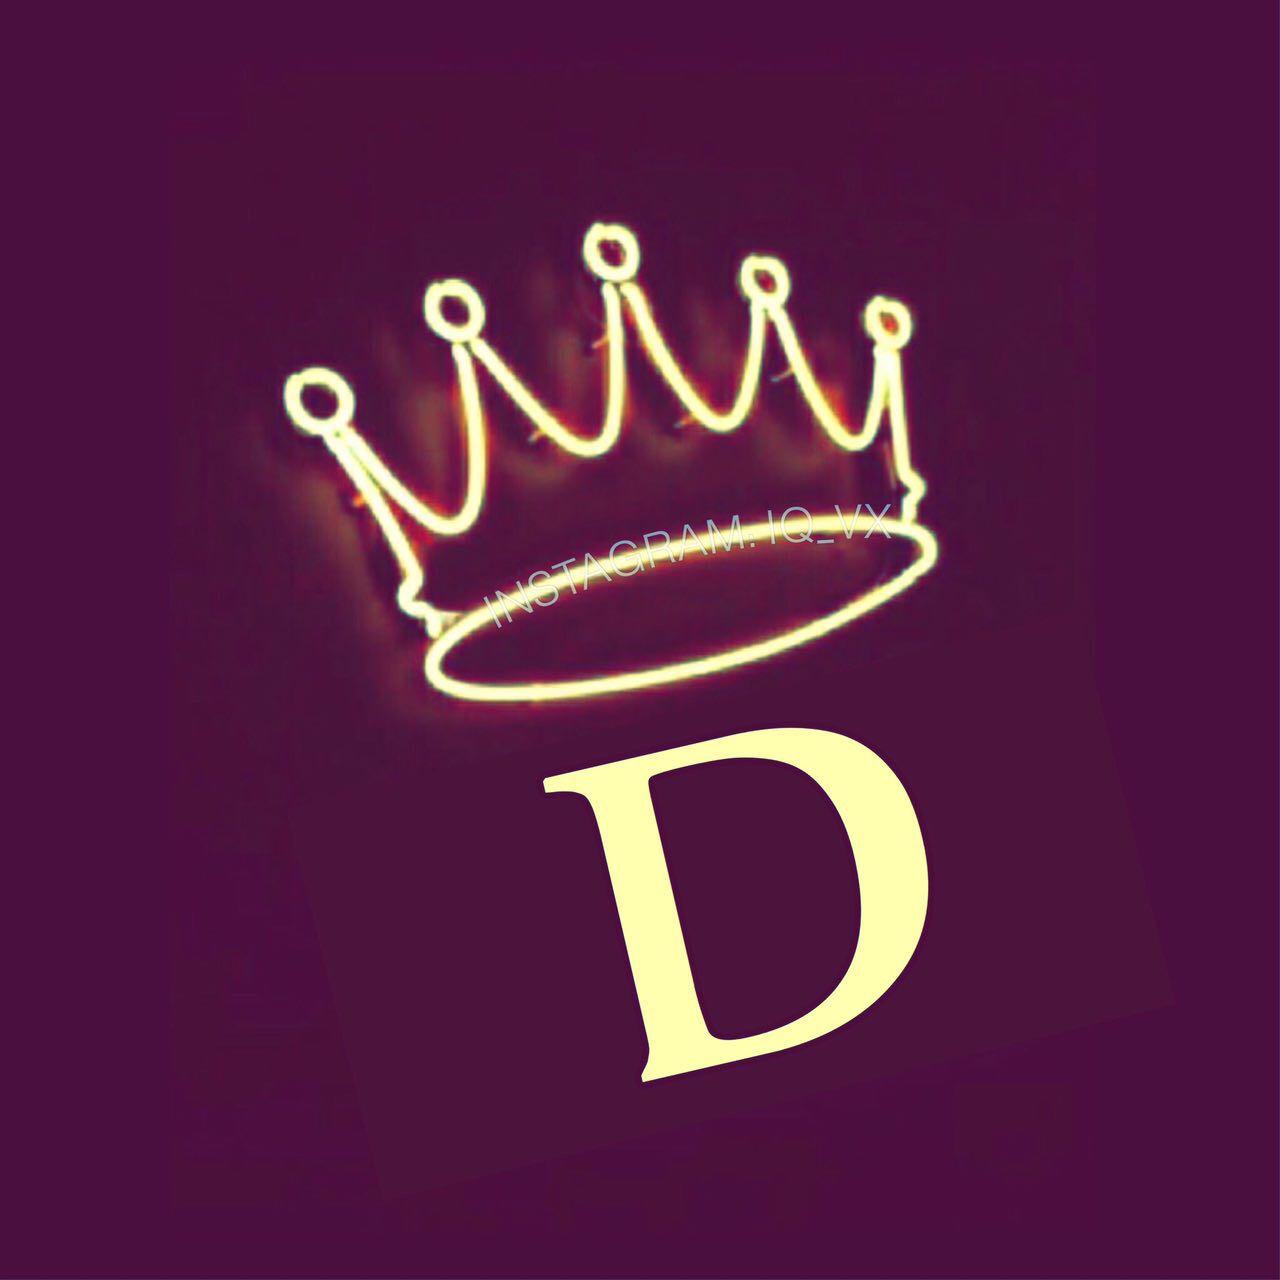 نتيجة بحث الصور عن رمزيات حرف D